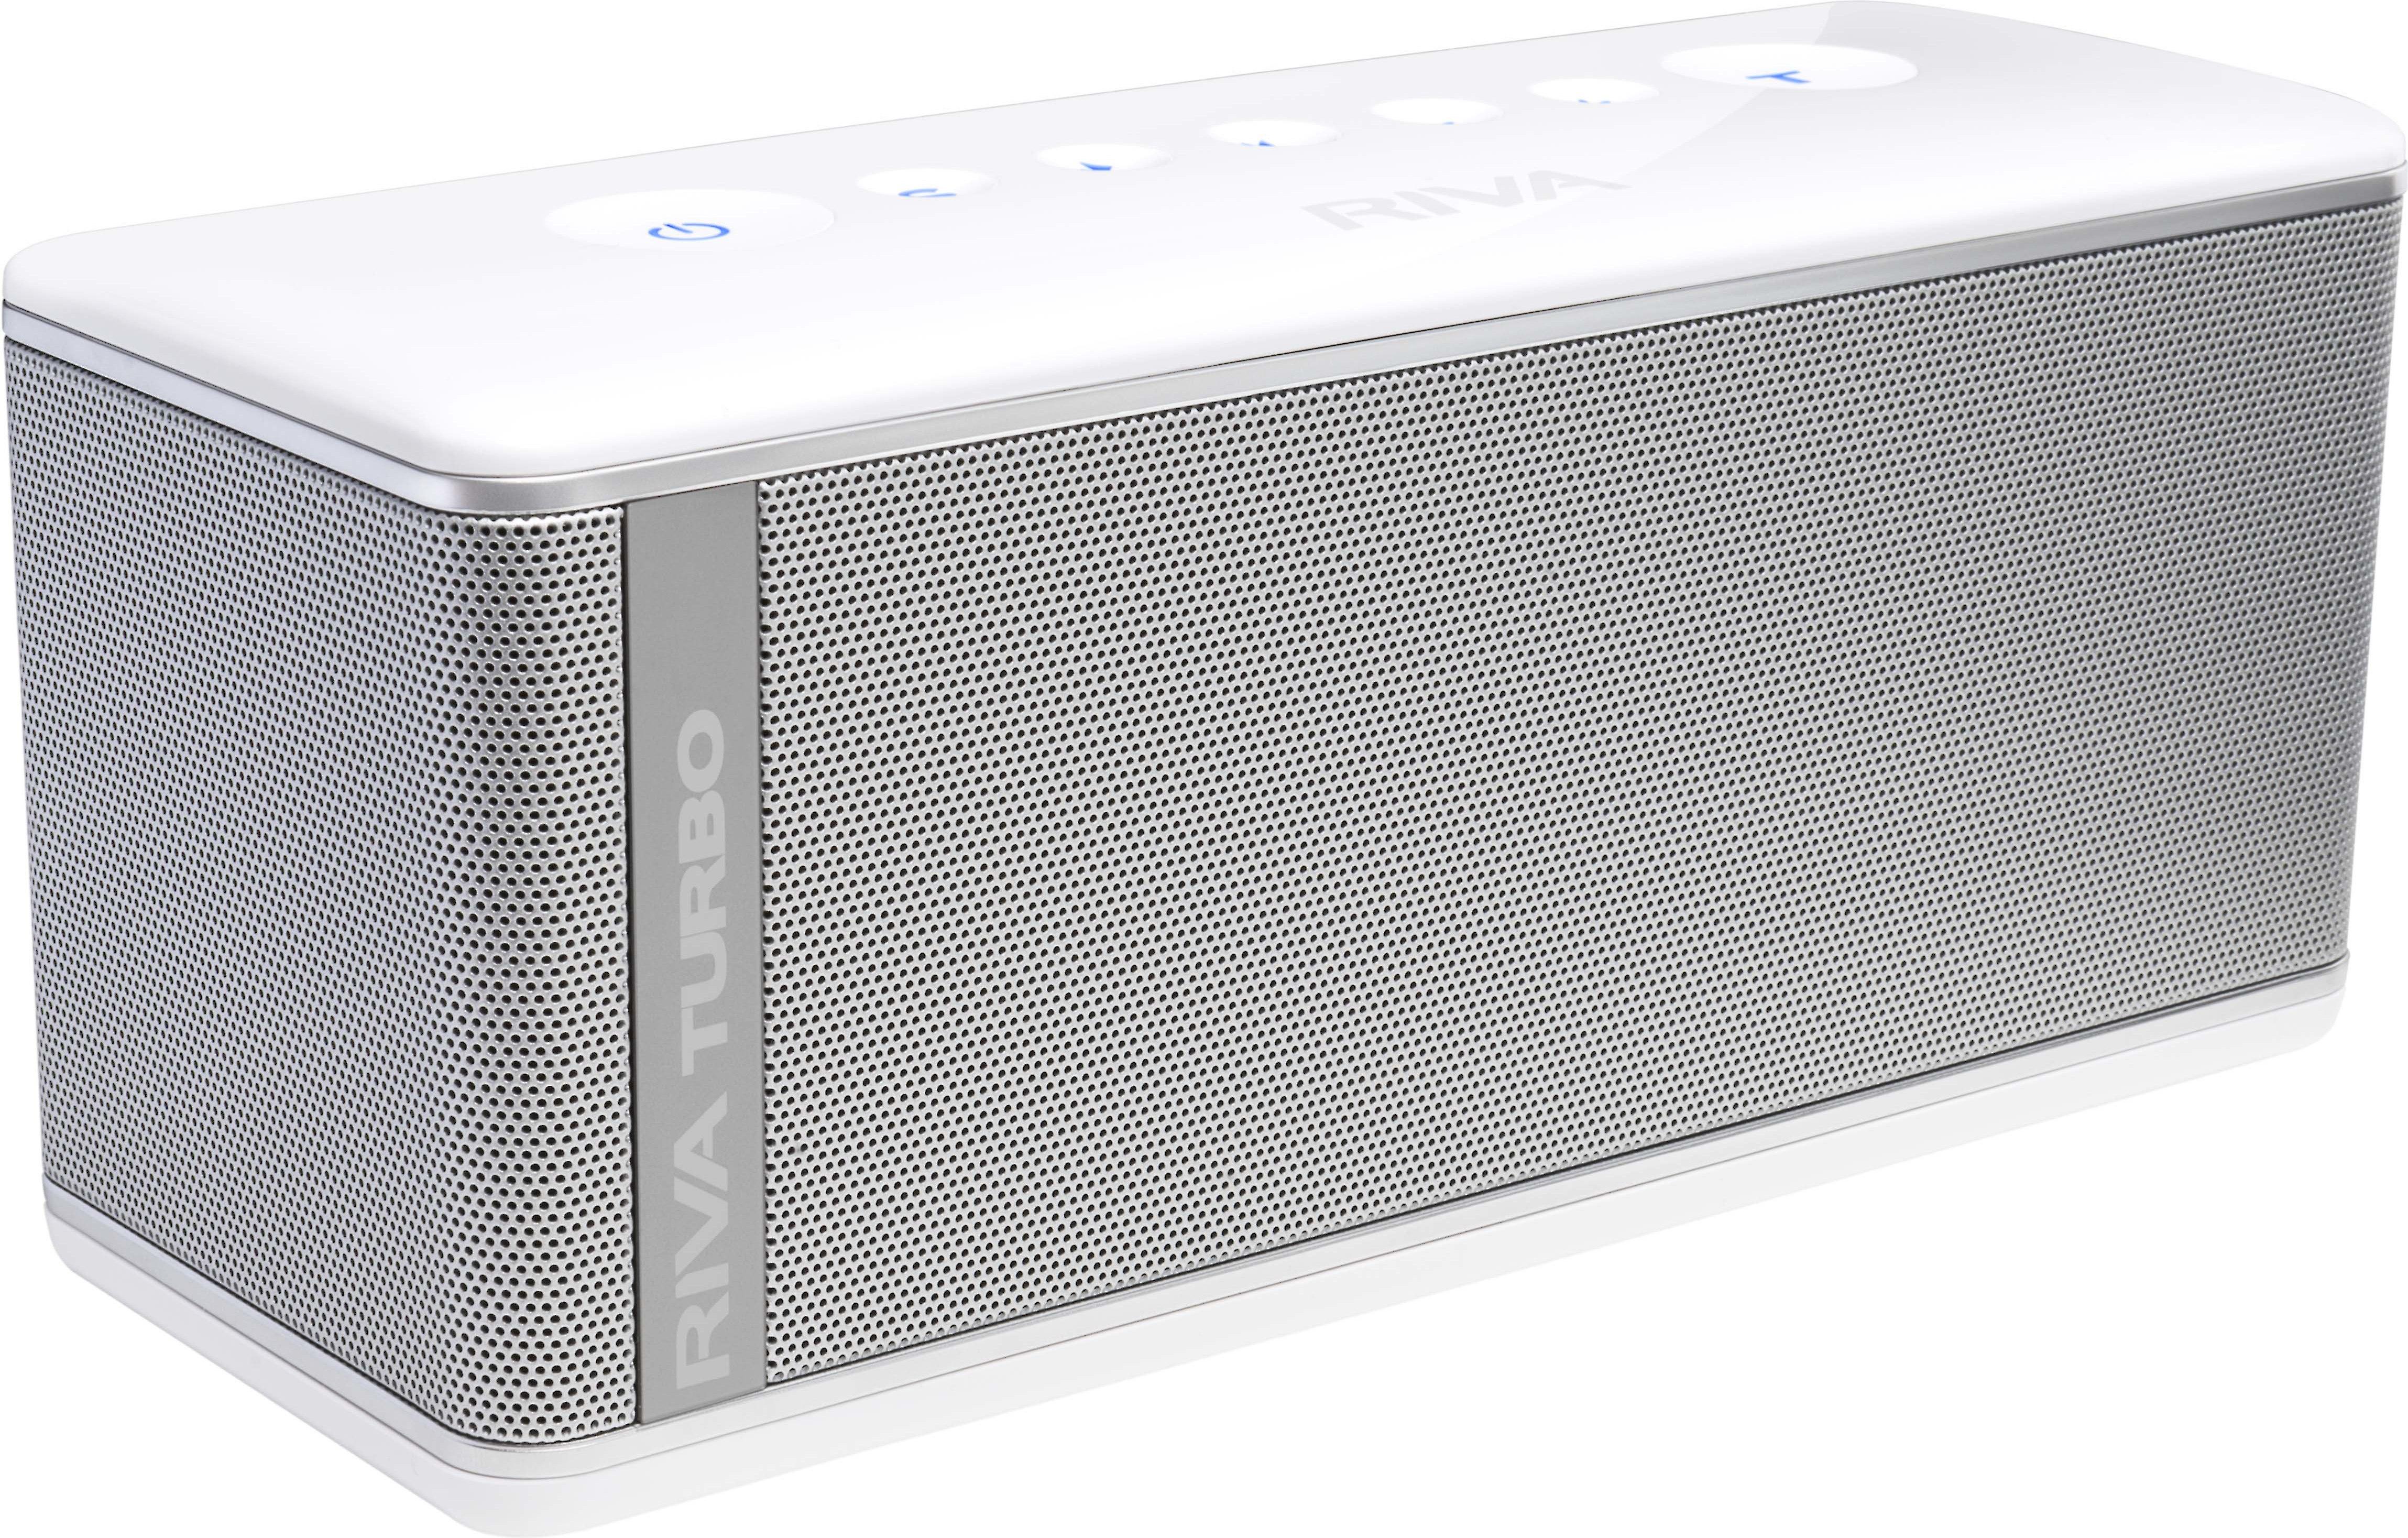 Black RIVA Speaker Travel Case for TurboX